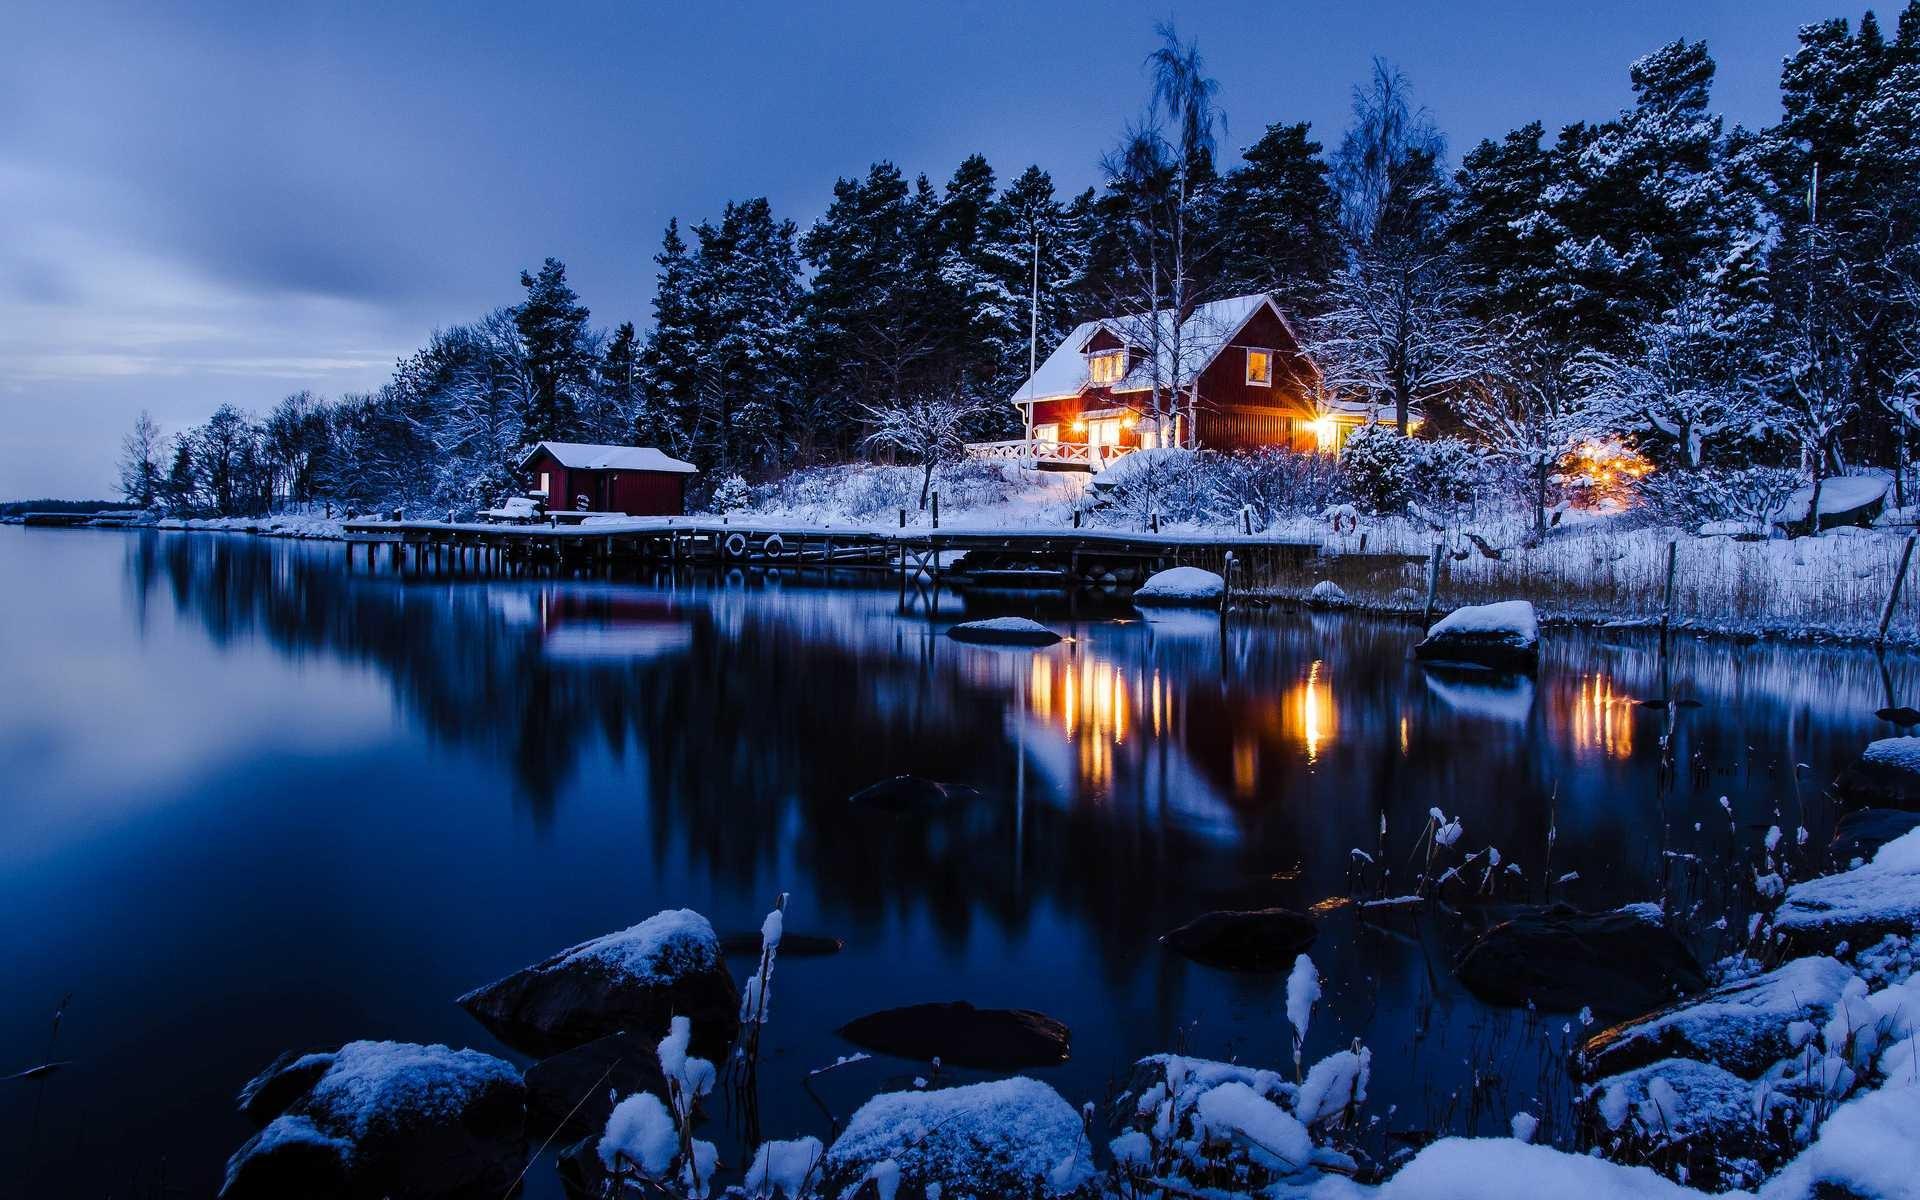 Top 20 Winter Landscape Wallpaper HD Of Winter Scenes